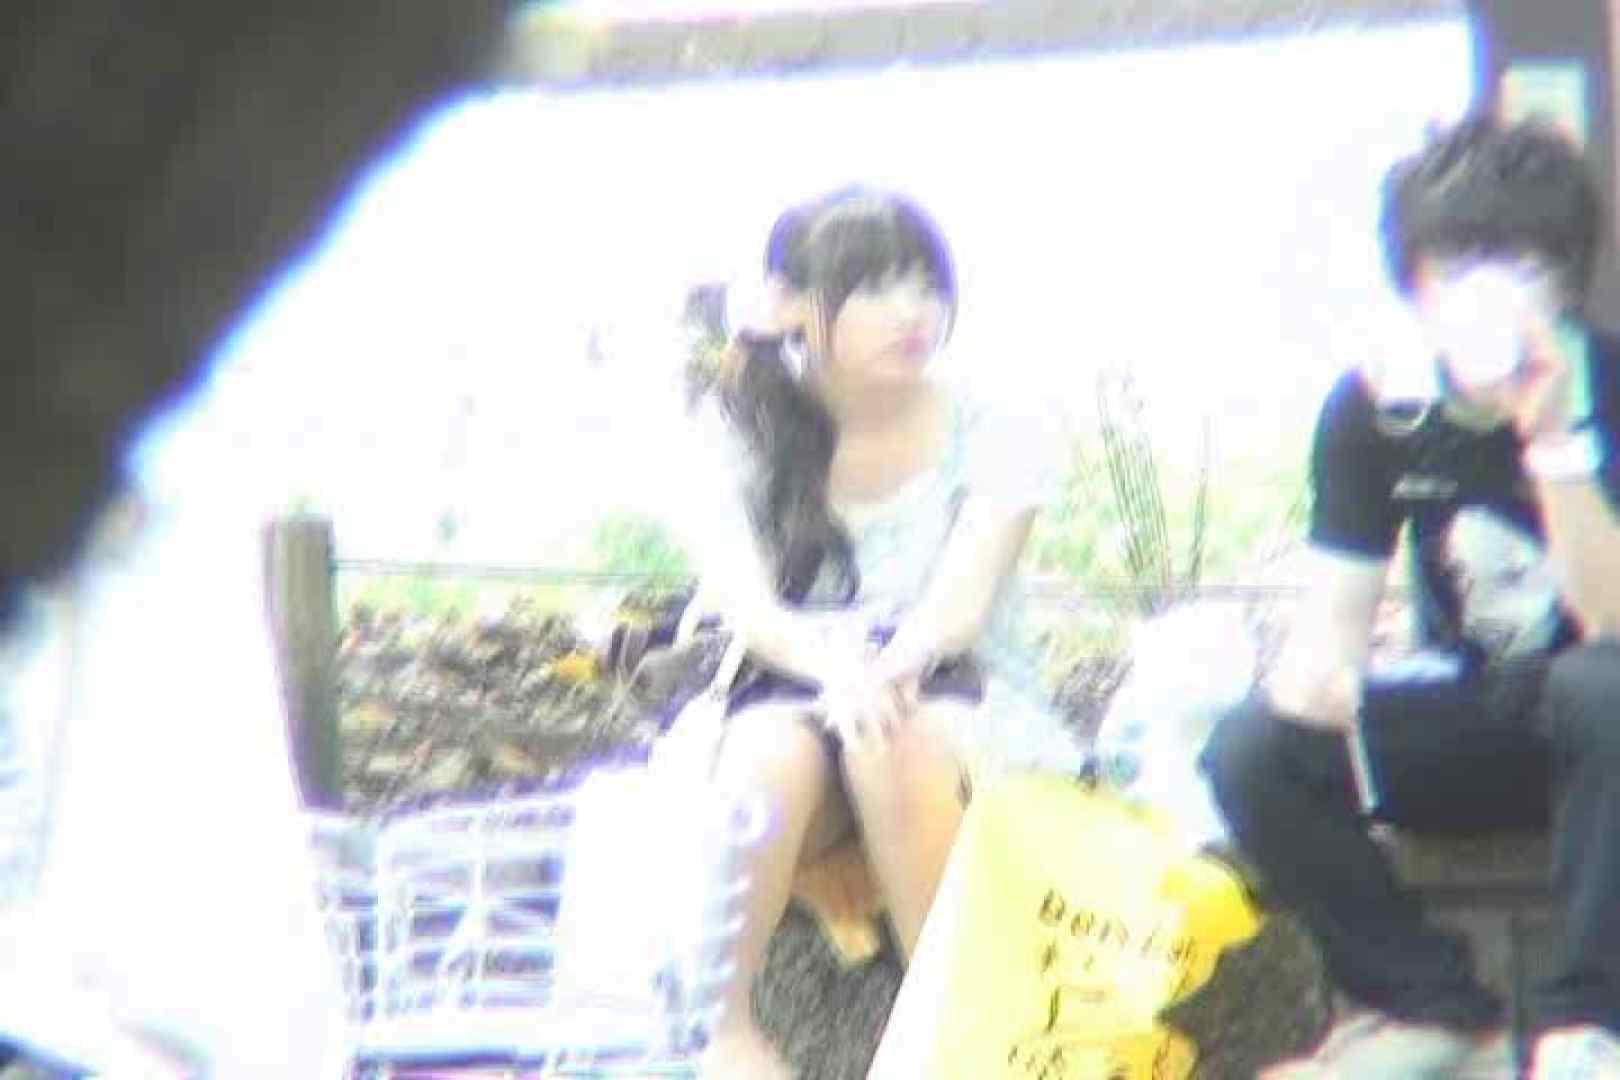 超最新版!春夏秋冬 vol.04 美しいOLの裸体 AV無料動画キャプチャ 97pic 2